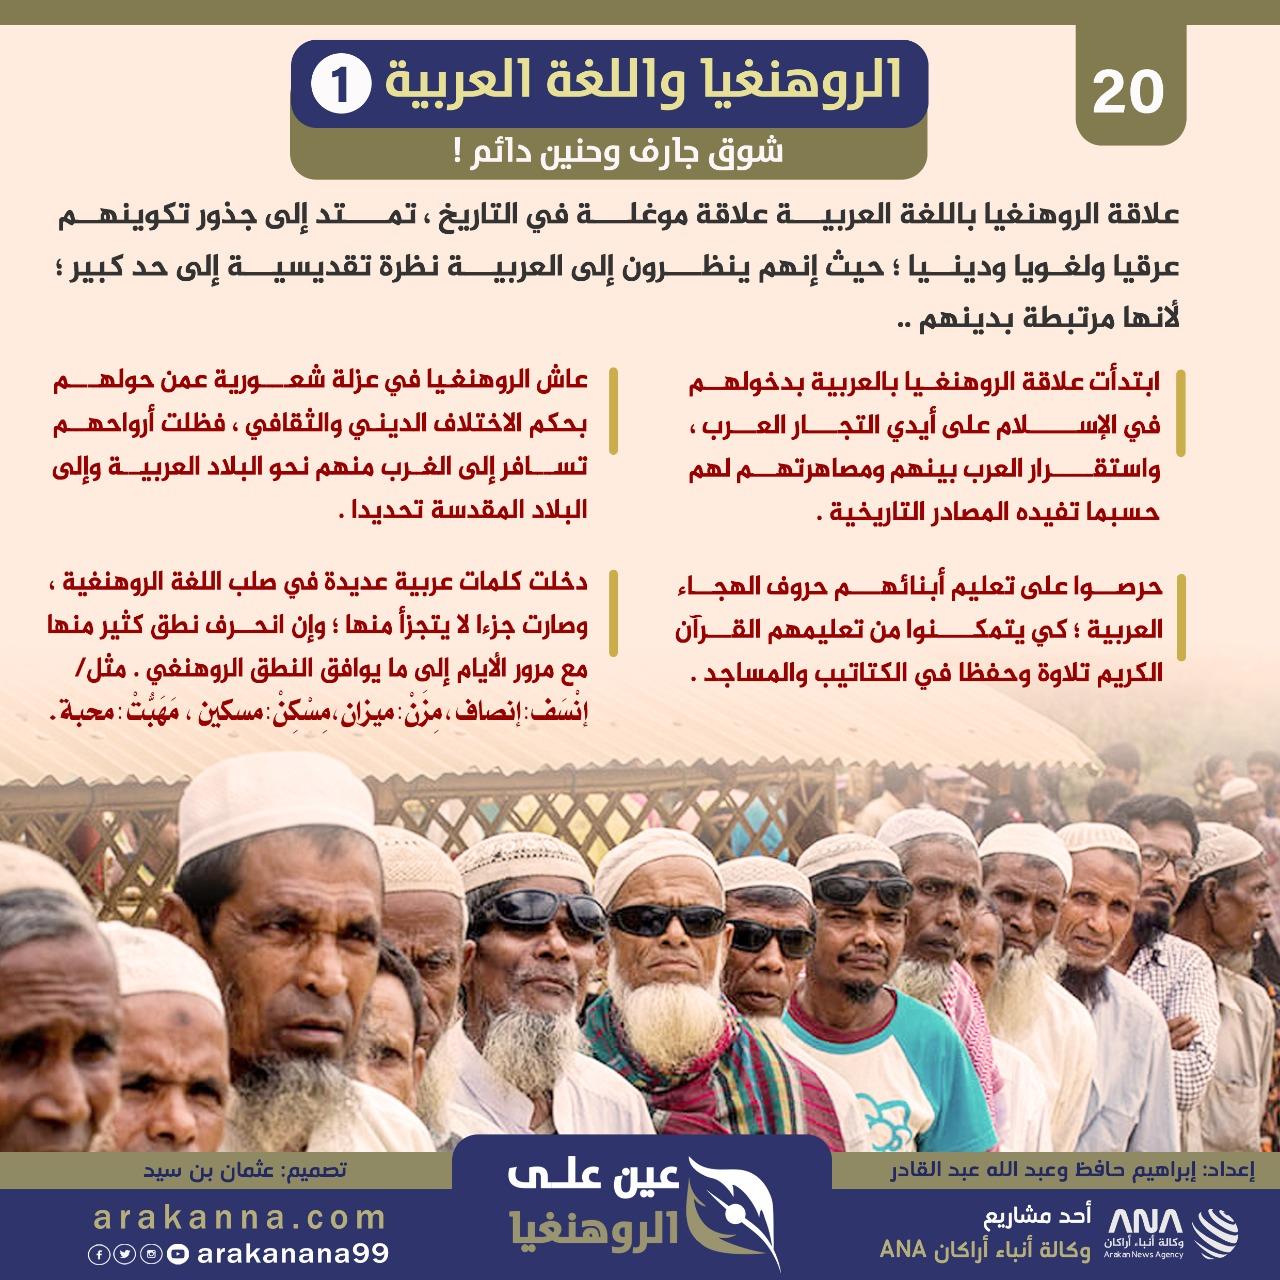 عين على الروهنغيا 20 | الرهنغيا واللغة العربية (1)